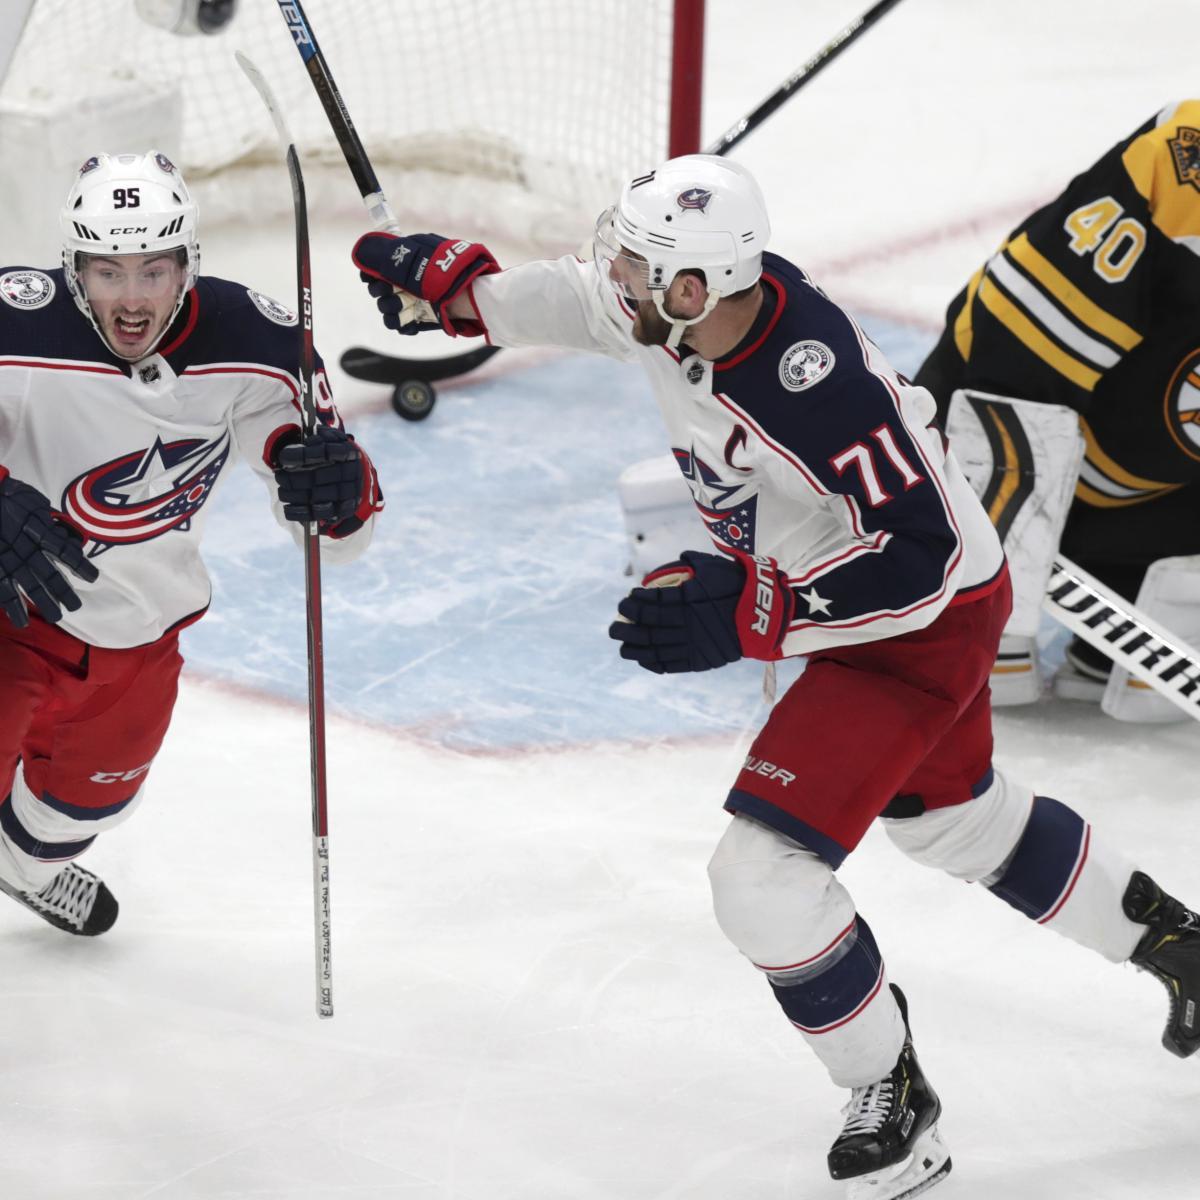 NHL Playoffs 2019: TV, Live-Stream Schedule And Stanley